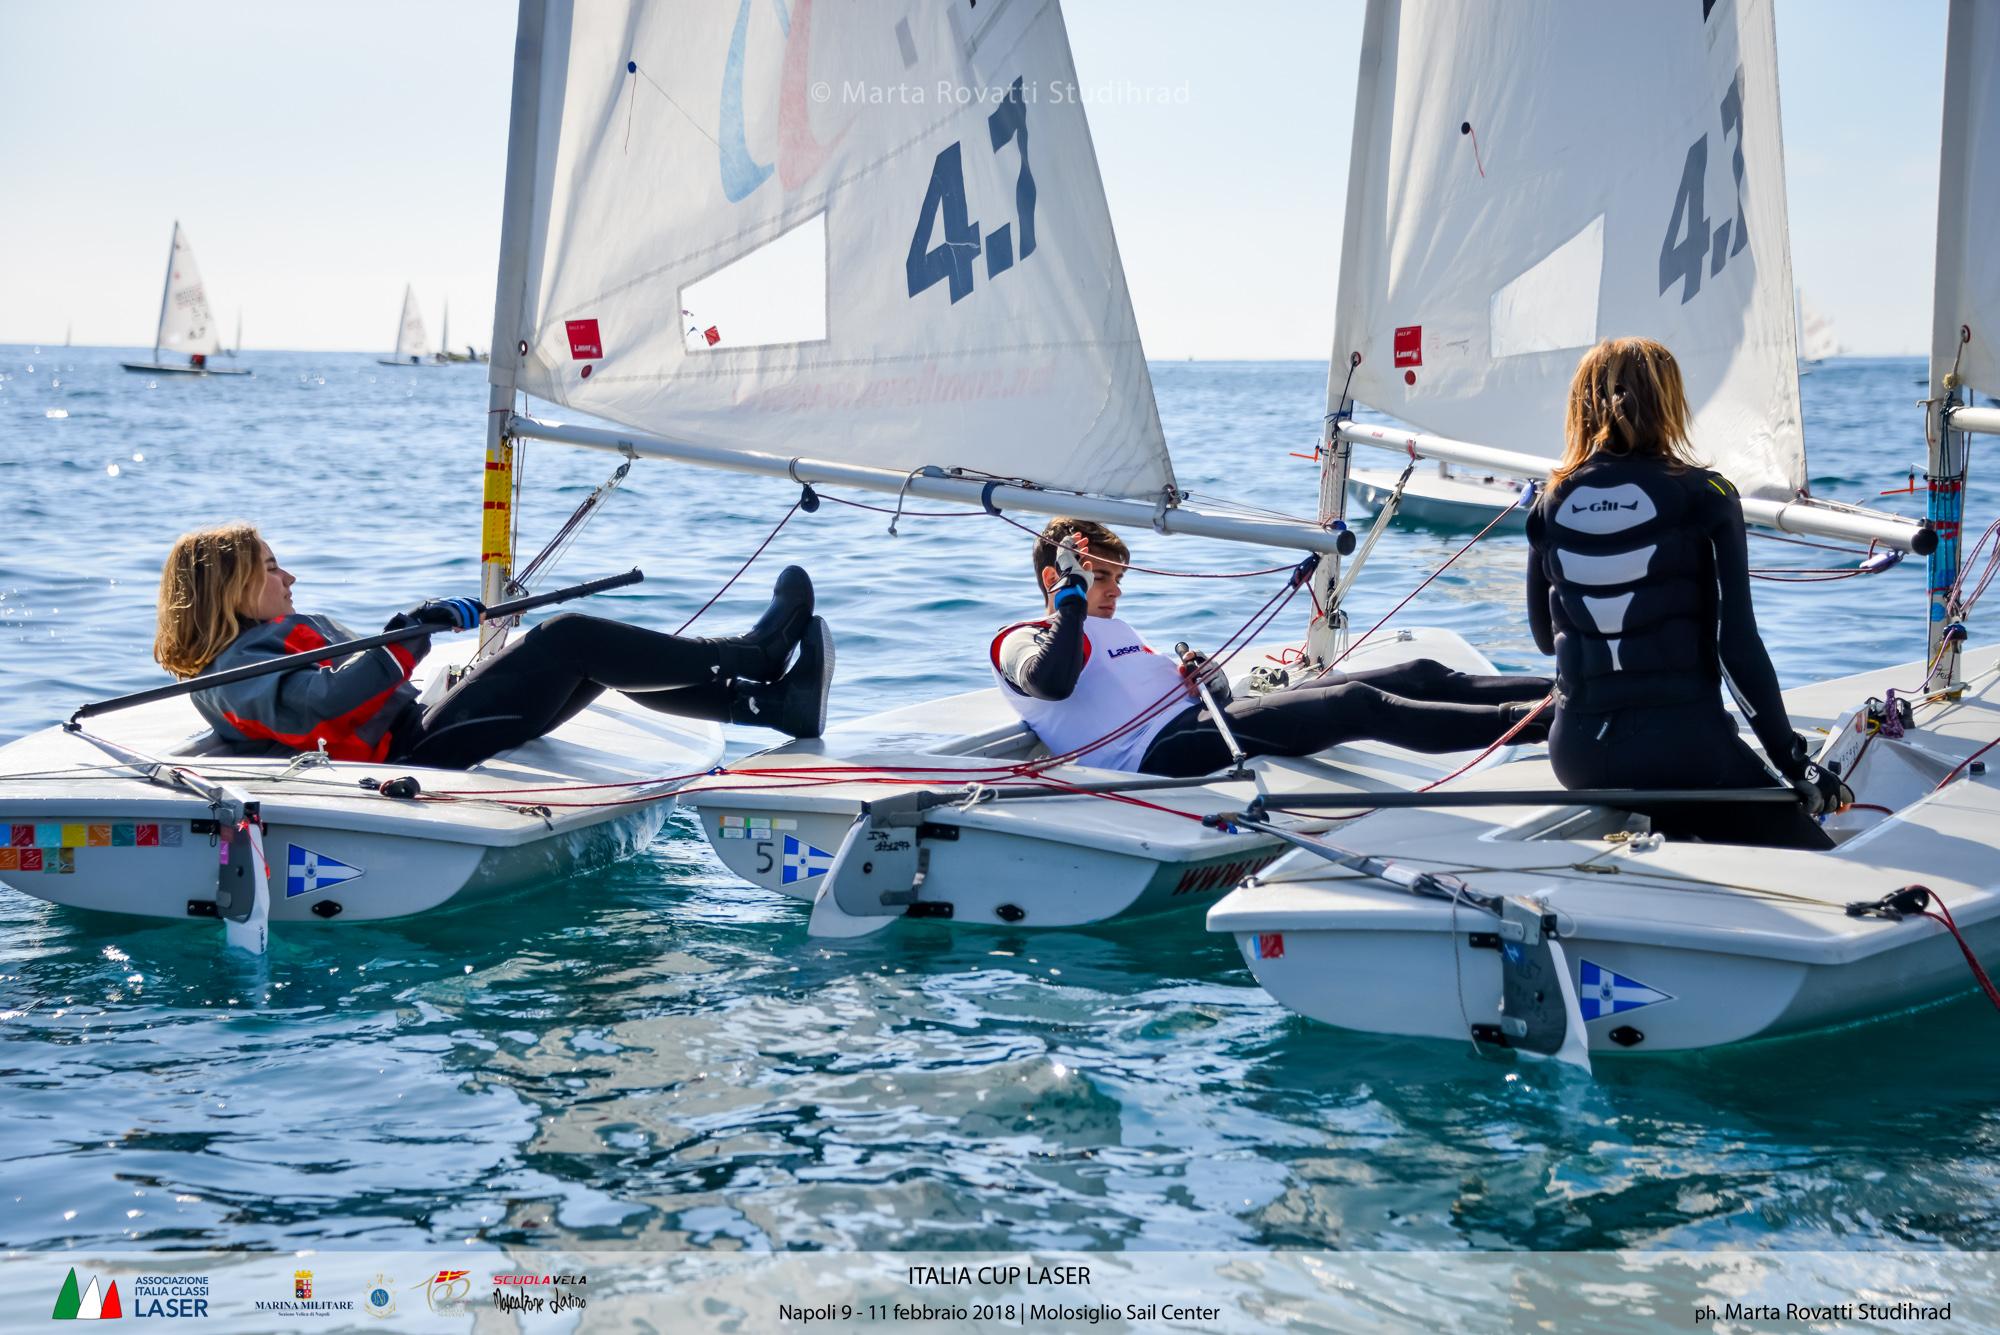 Associazione-Italia-Classi-Laser-2018-NapoliMGR_9865